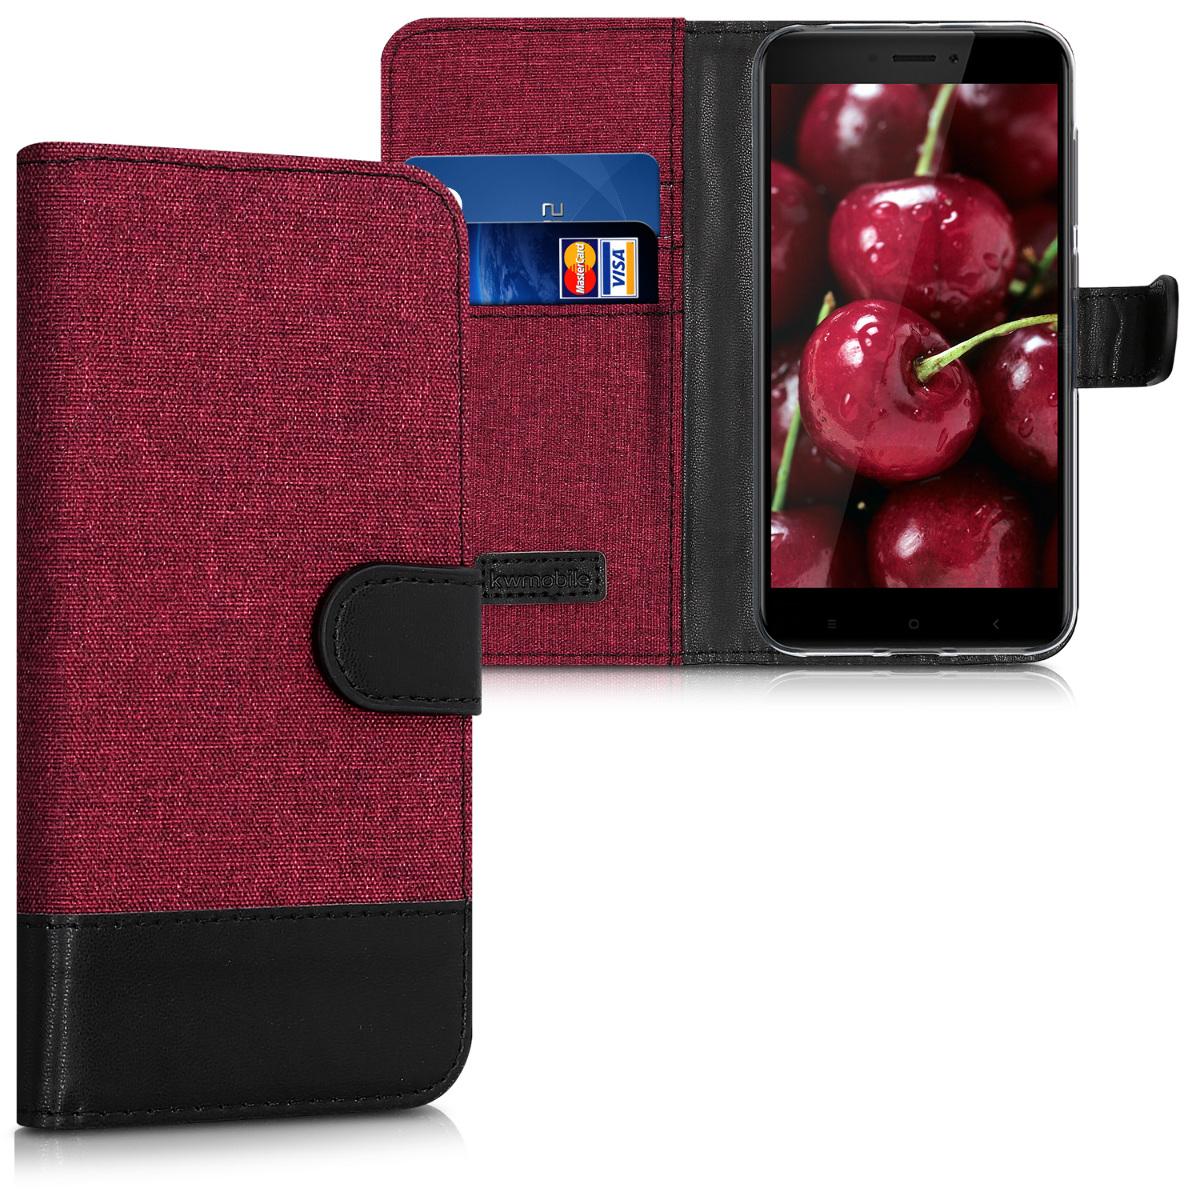 Textilní látkové pouzdro | obal pro Xiaomi Redmi 4X - tmavě červený / černý